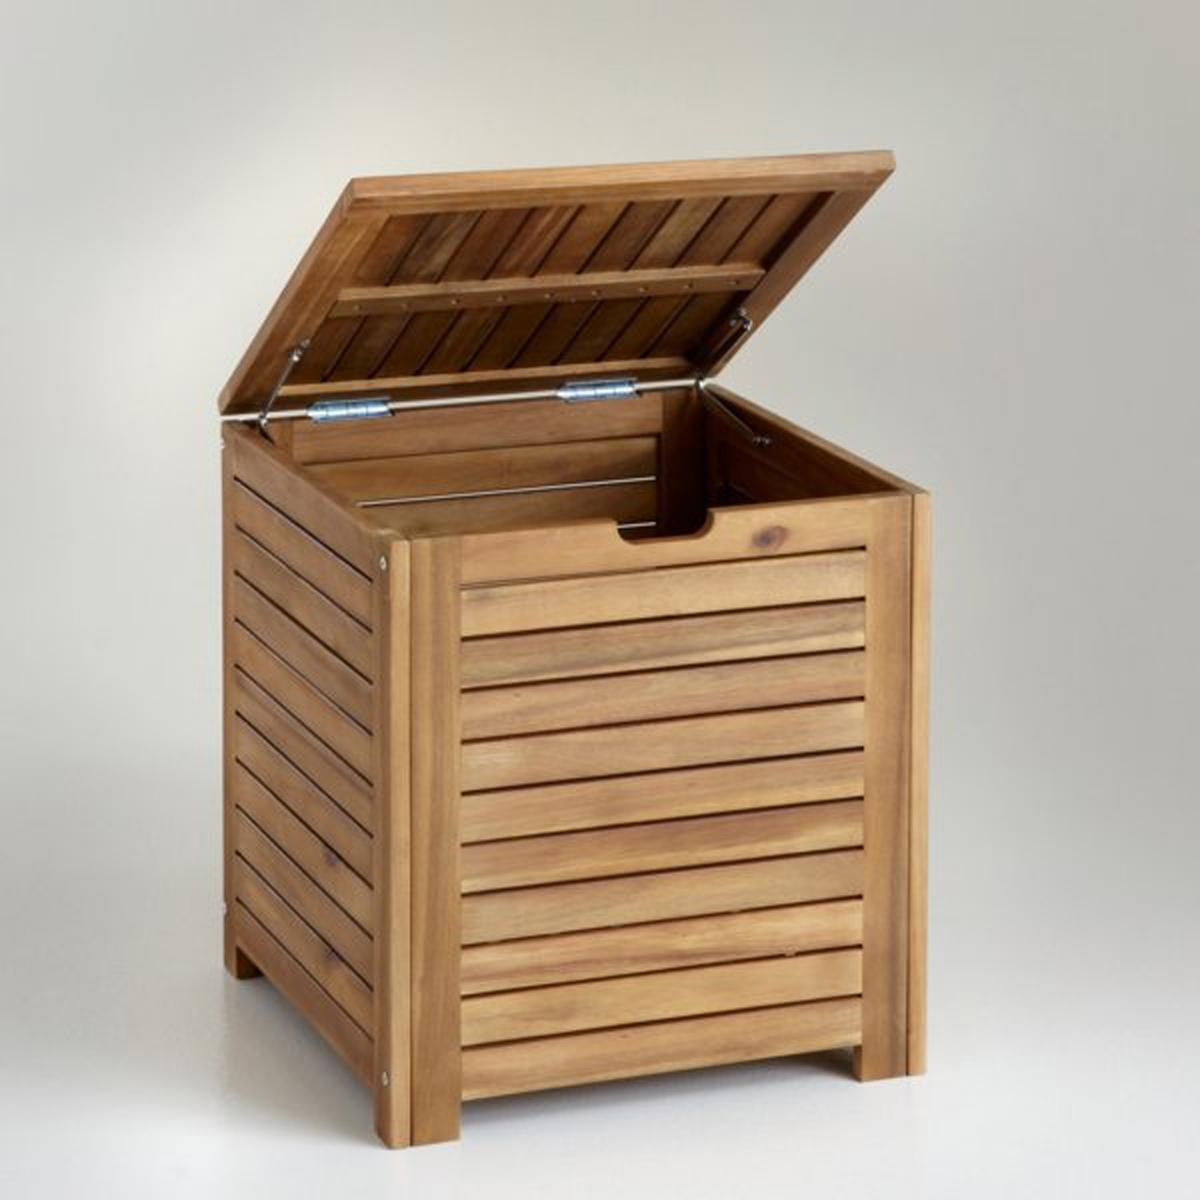 Ящик для вещей из акации Дл45 смХарактеристики ящика для вещей:- Из акации под тик- Покрытие олифойЯщик для вещей из акации готовый к сборке согласно инструкции.Размеры :- Общие : 45 x 50 x 45 см<br><br>Цвет: светлое дерево натуральный